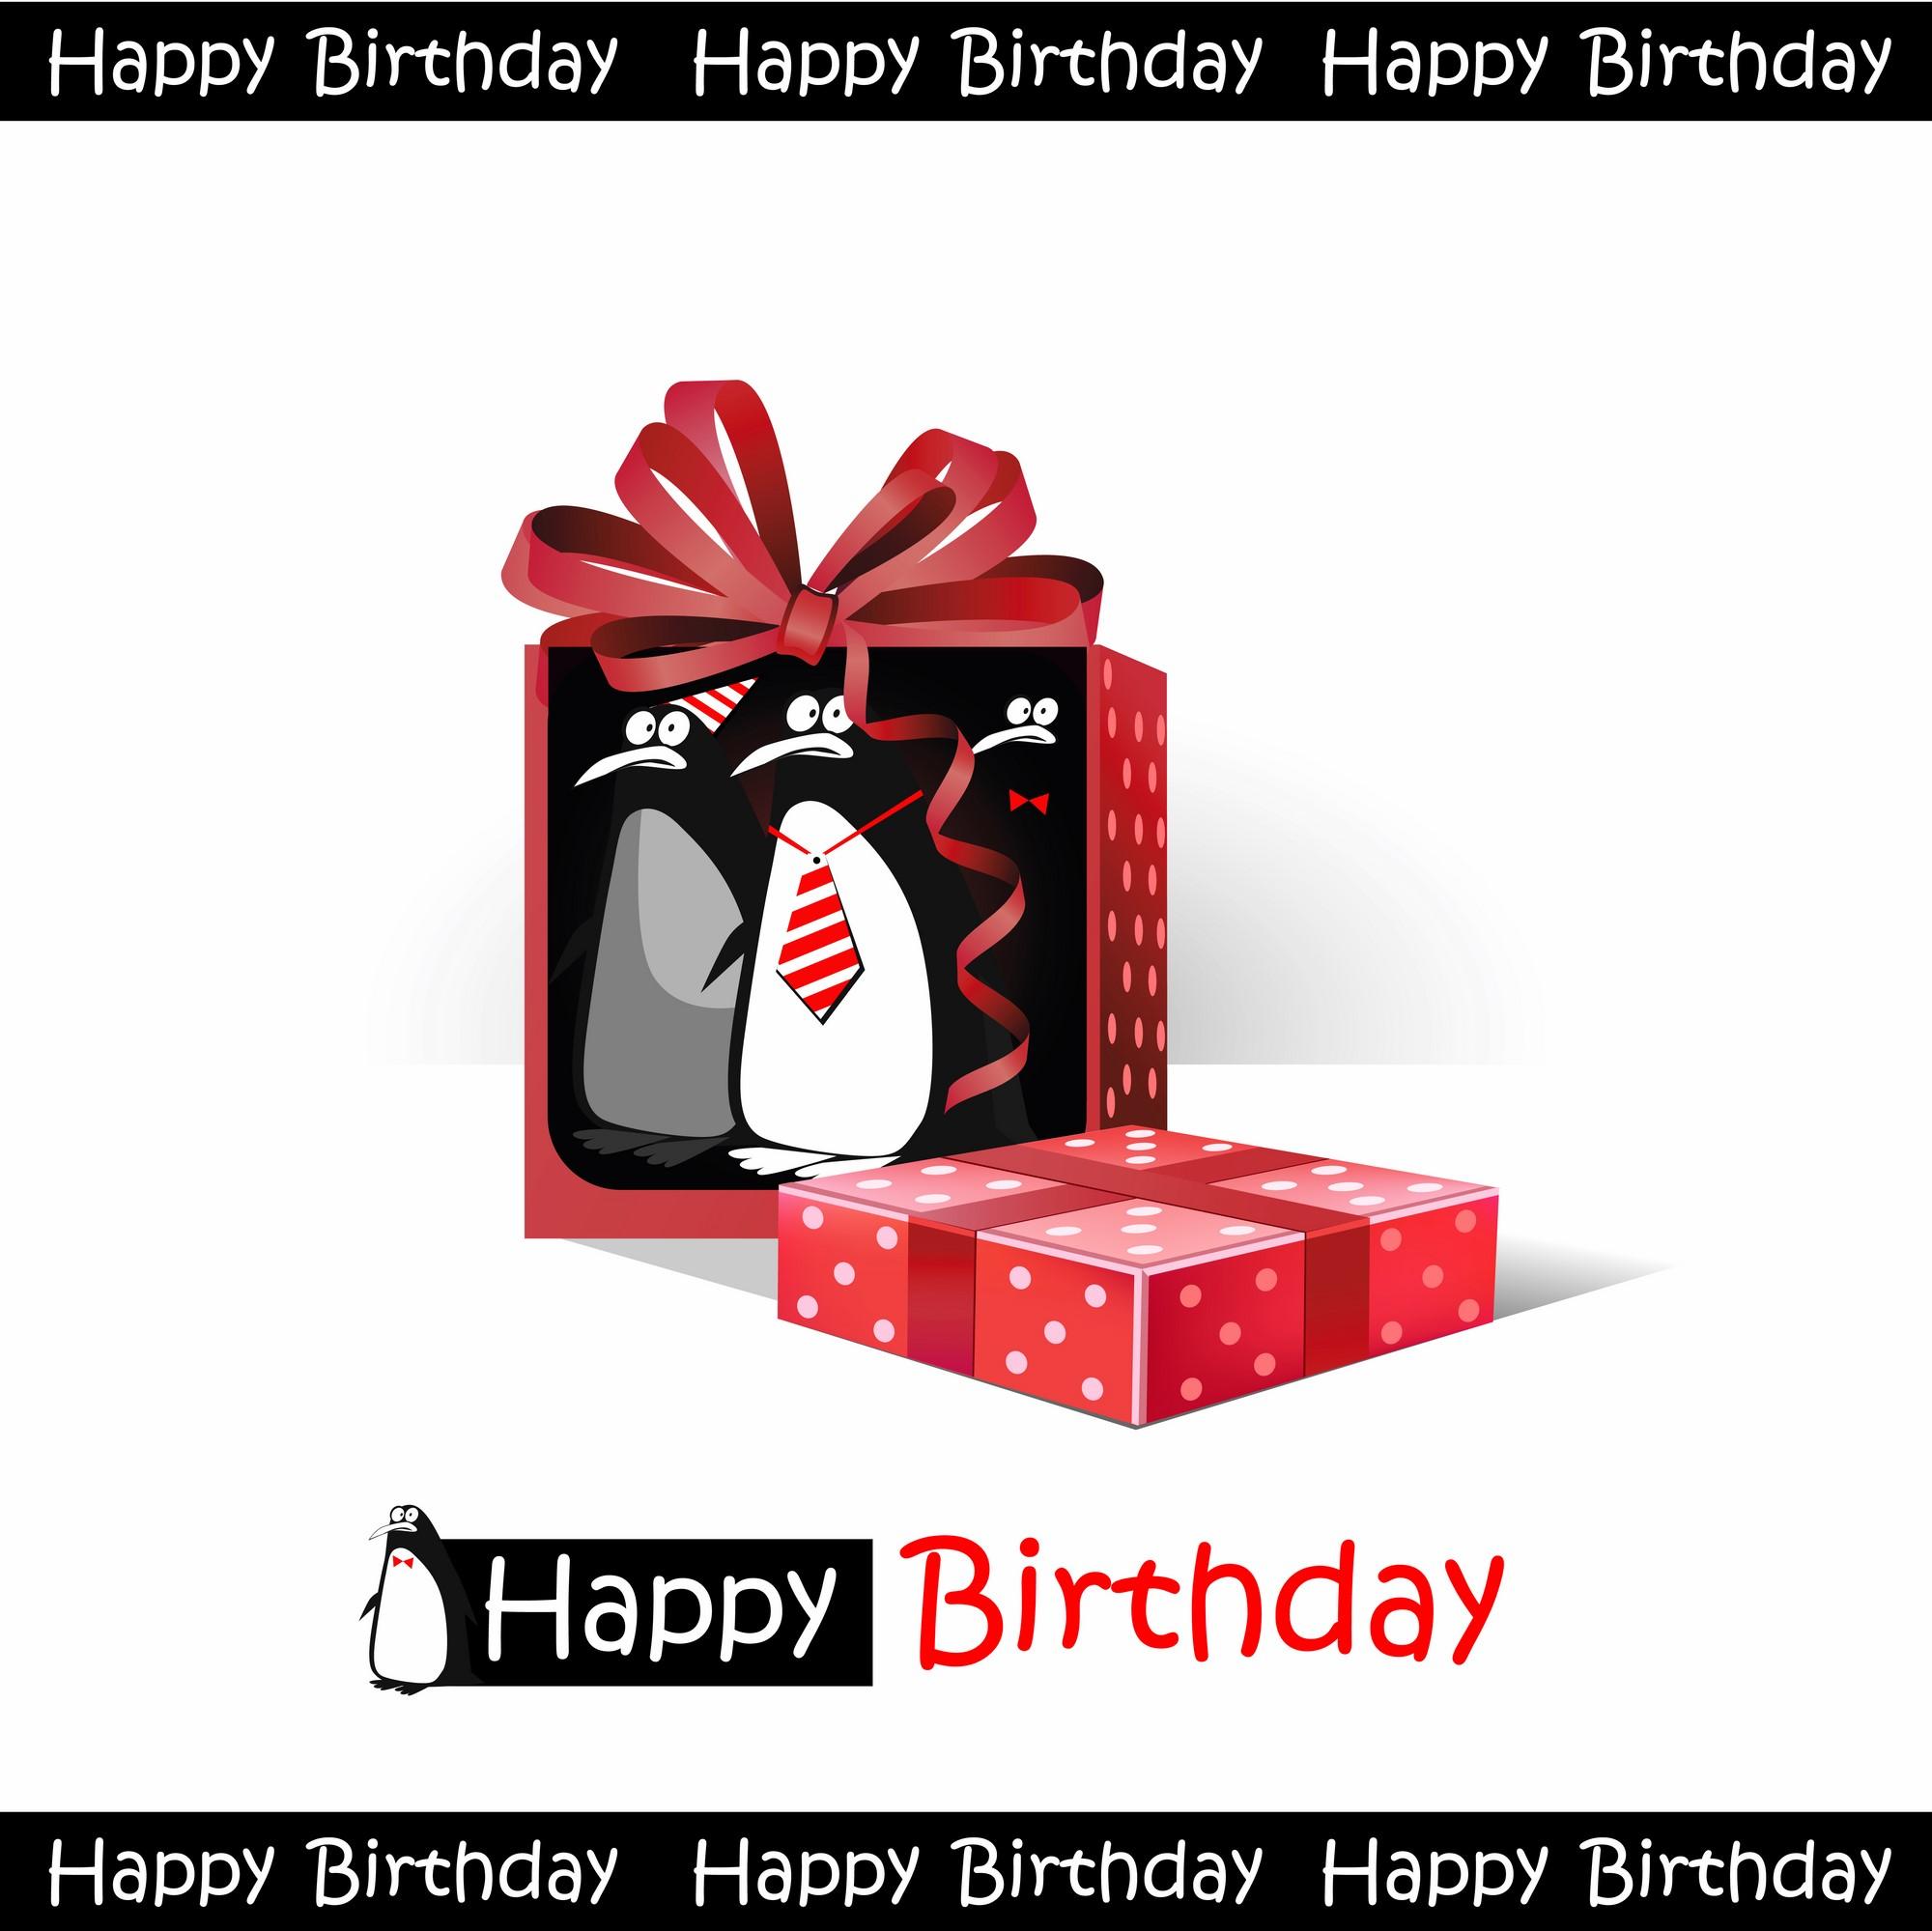 Текст поздравление с днем рождения в стиле рэп 3